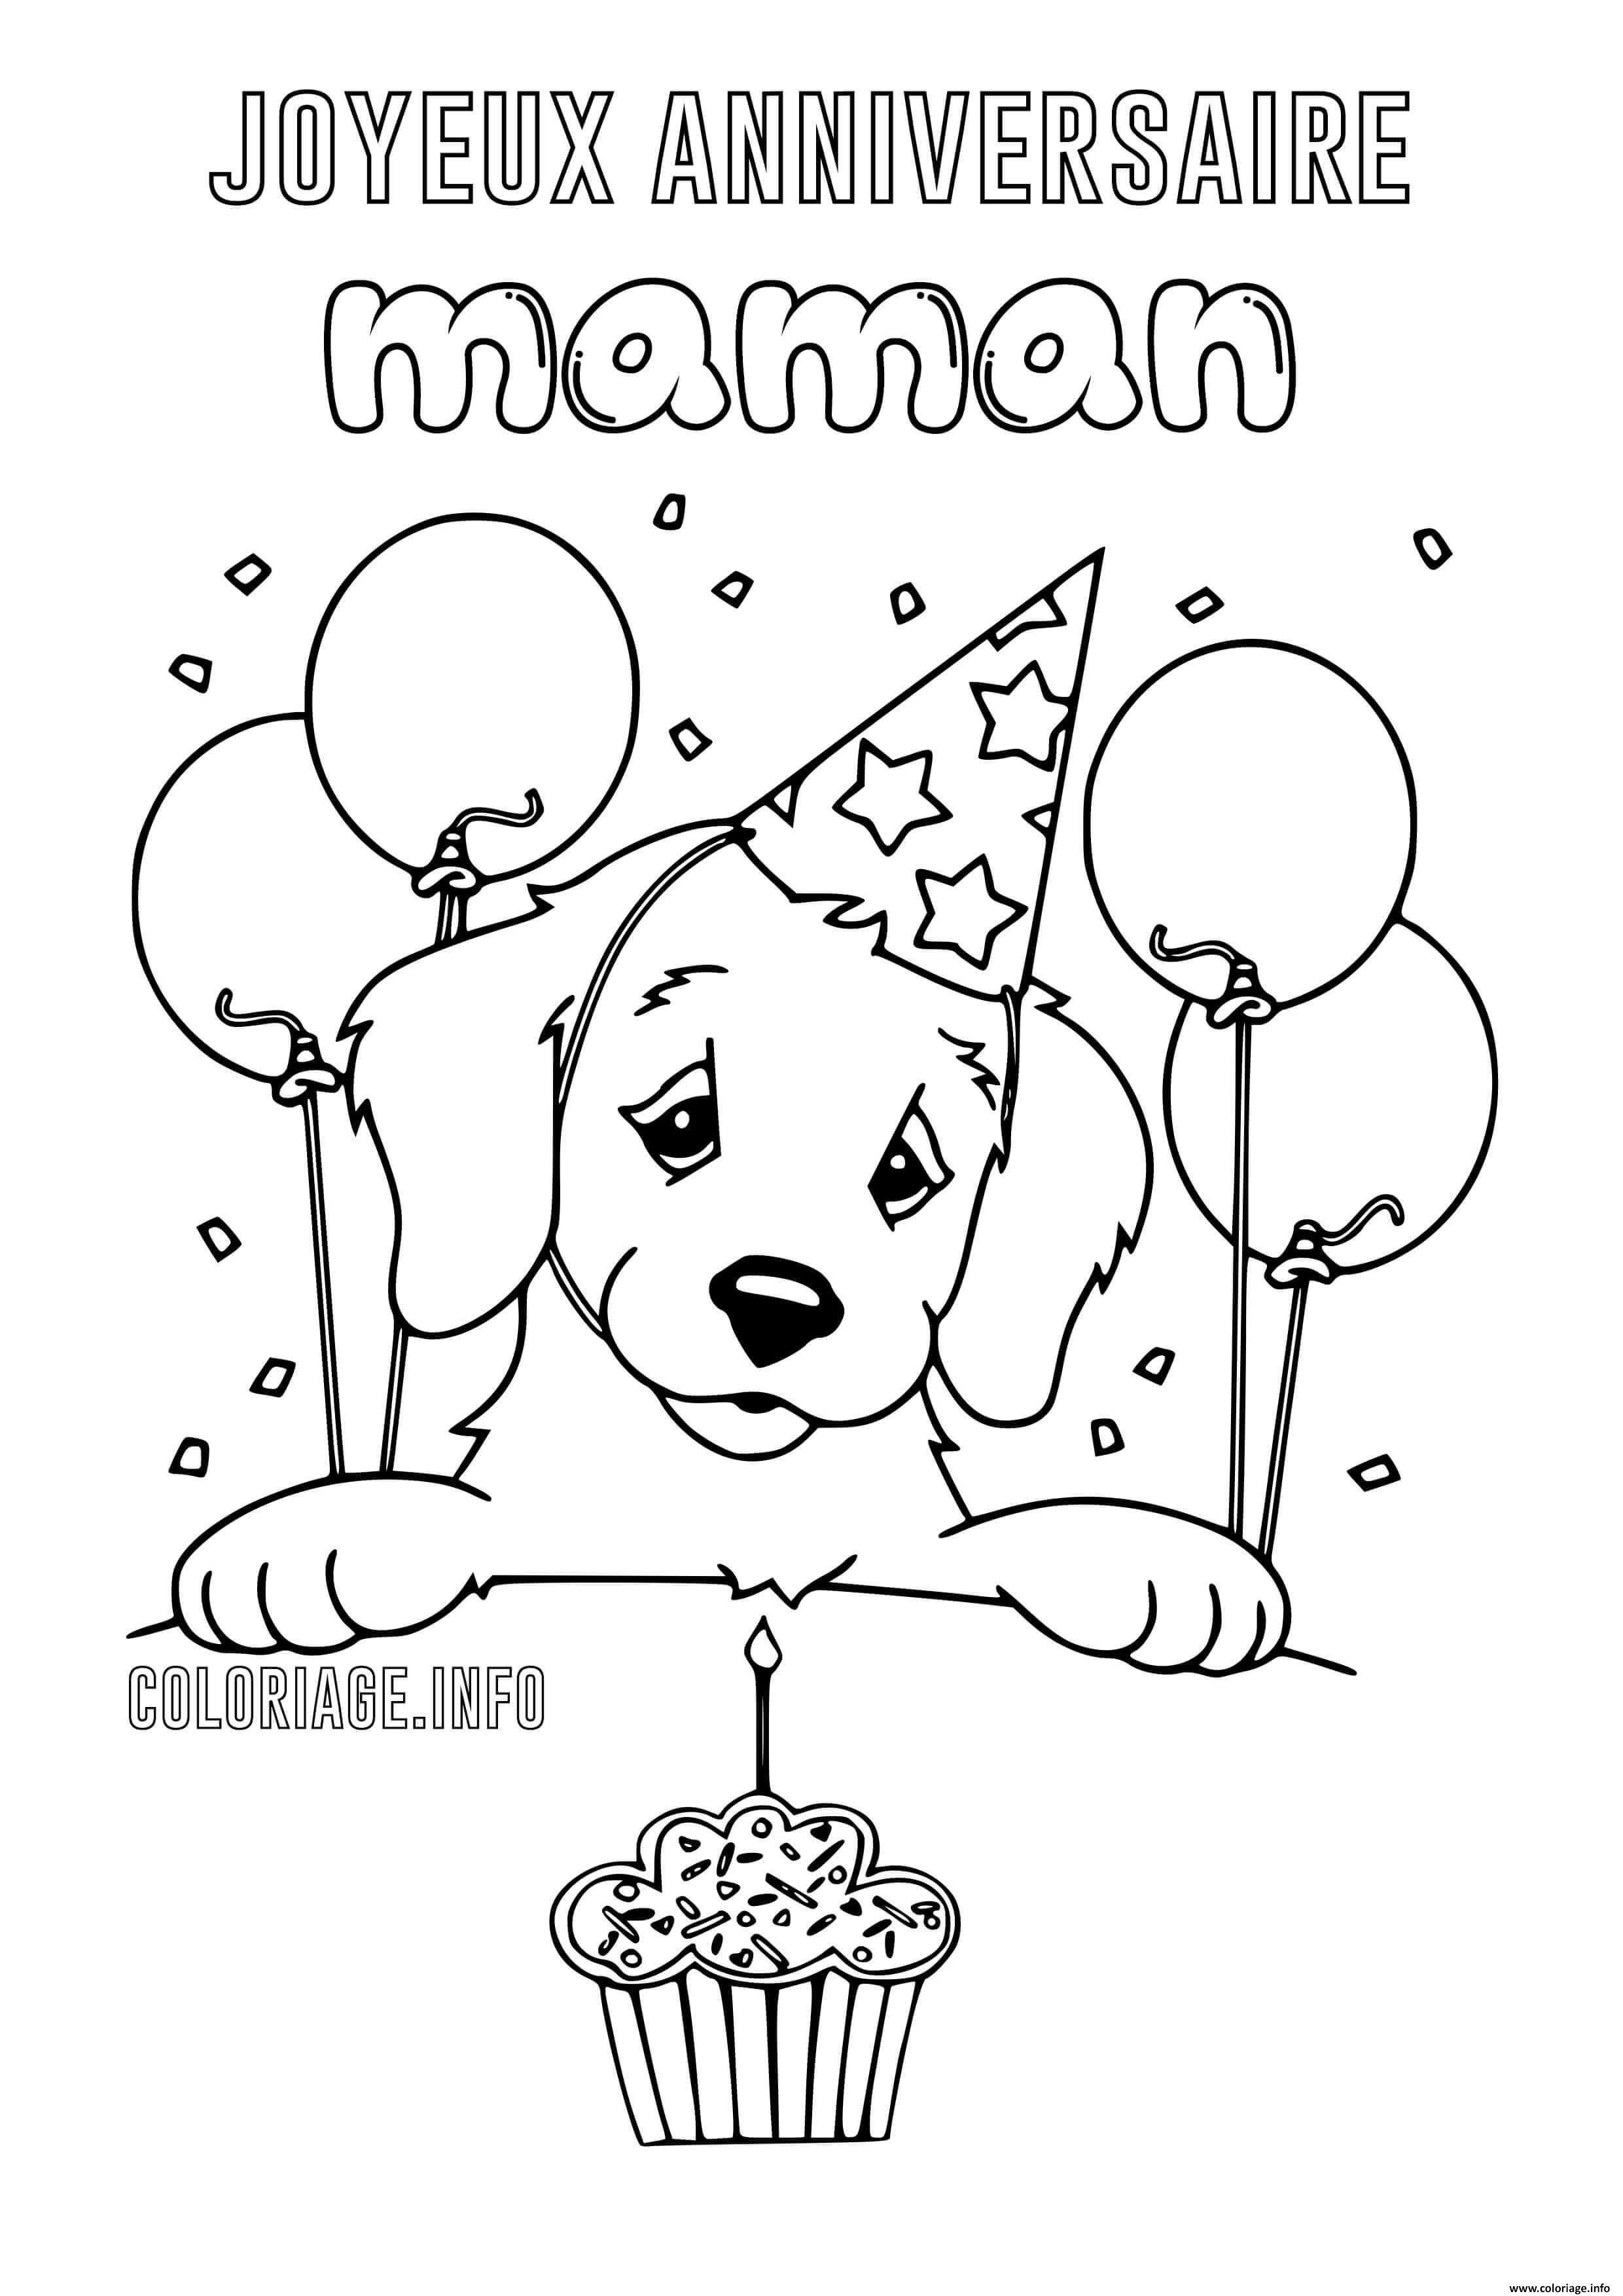 Dessin joyeux anniversaire maman chien Coloriage Gratuit à Imprimer